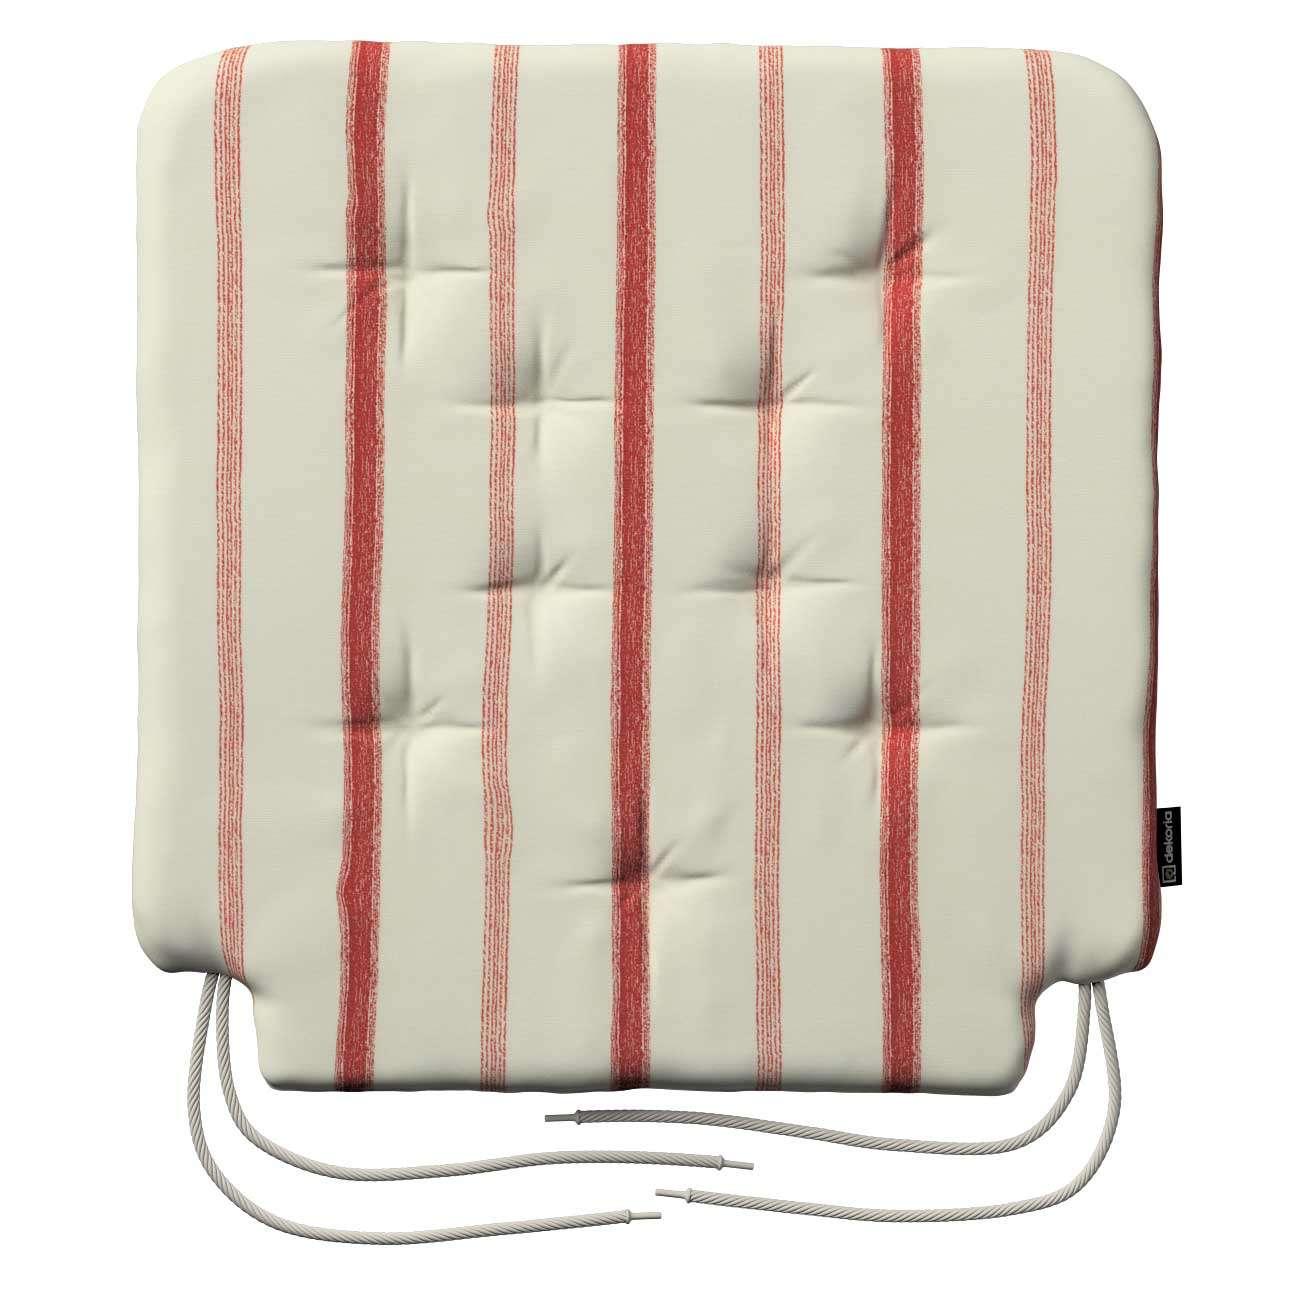 Kėdės pagalvėlė Olek  42 x 41 x 3,5 cm kolekcijoje Avinon, audinys: 129-15